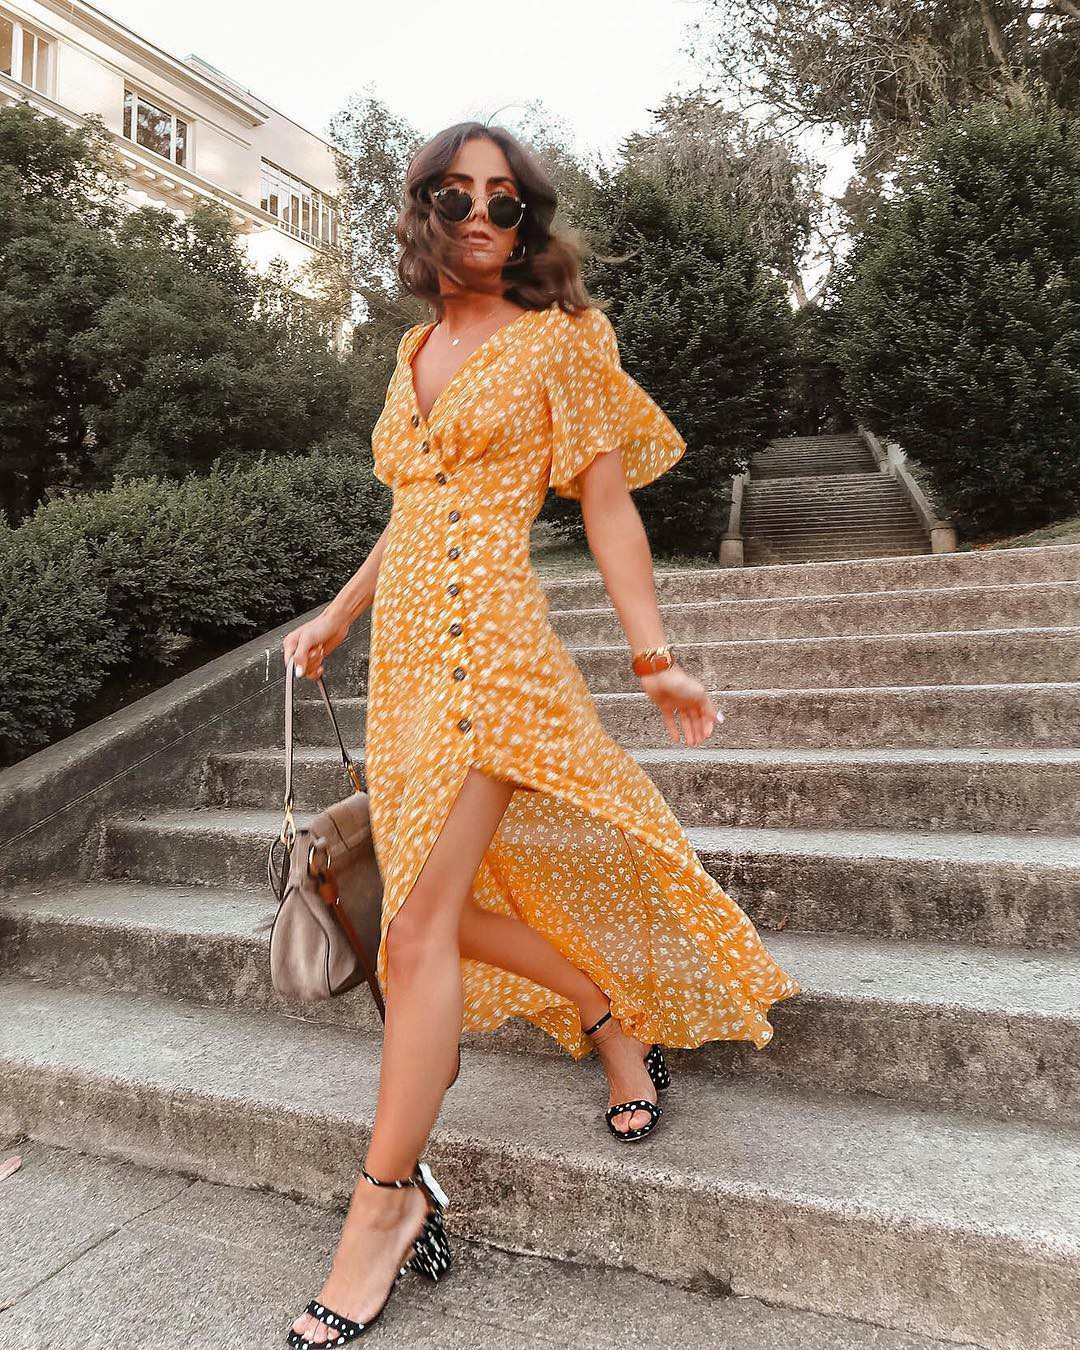 Suốt mấy tháng hè, đi đến đâu cũng bắt gặp các cô nàng làm điệu với 4 kiểu váy liền này - Ảnh 1.